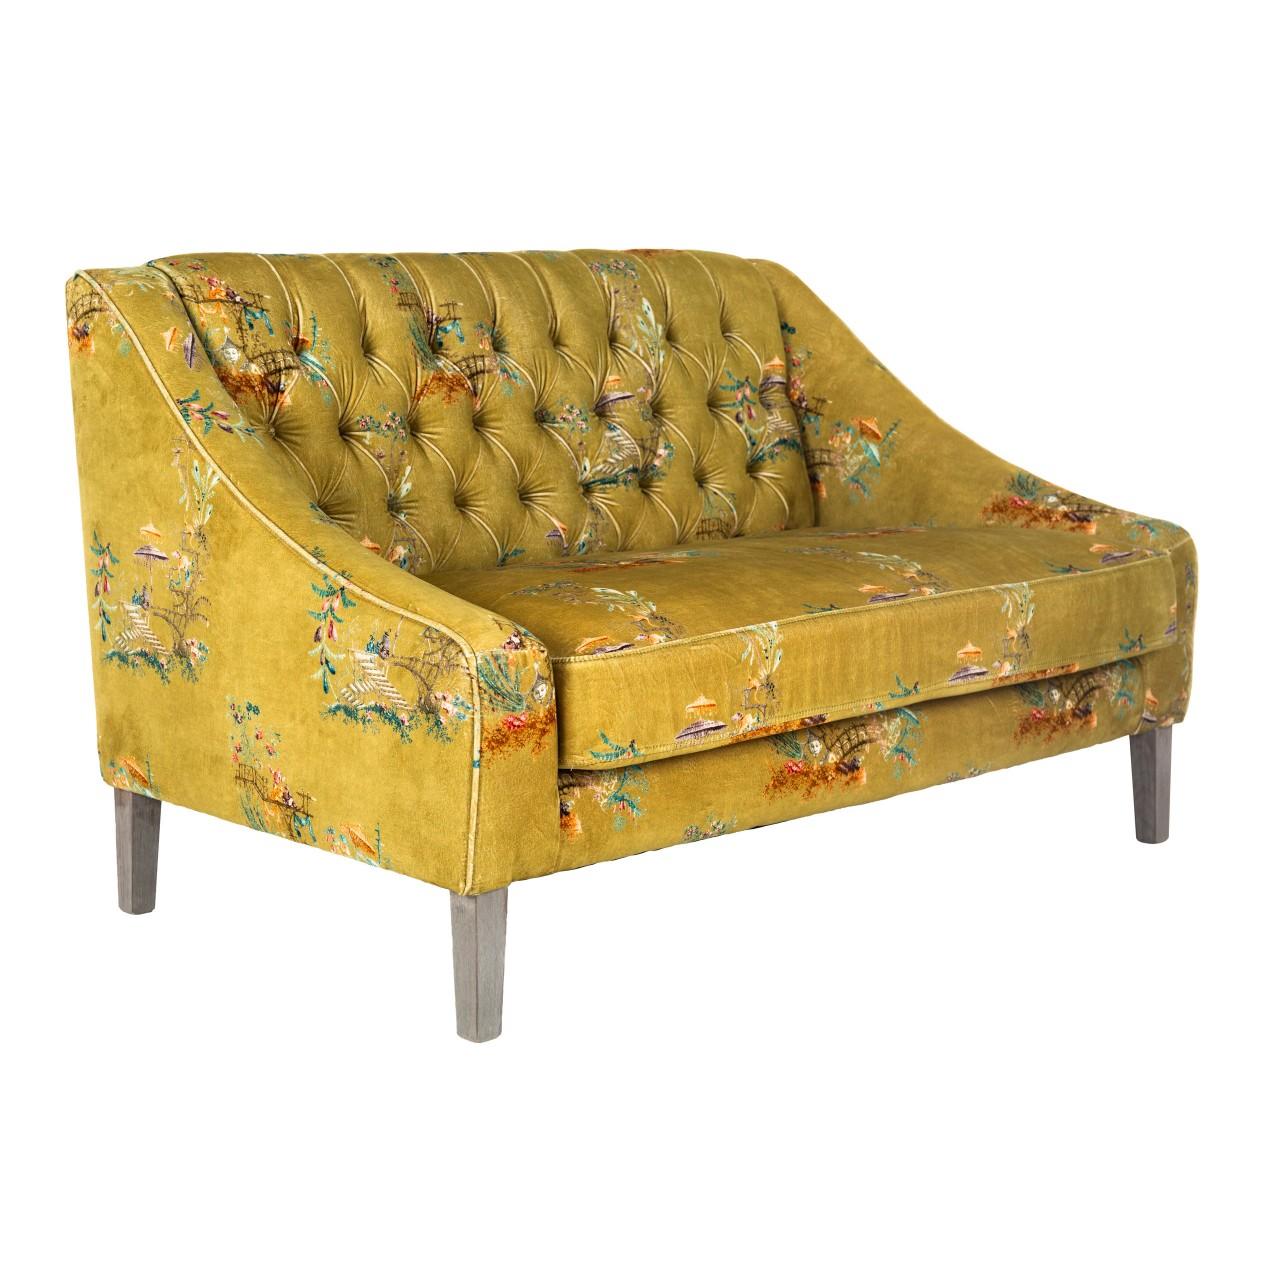 BARON Tufted Sofa - CHINOISERIE Velvet